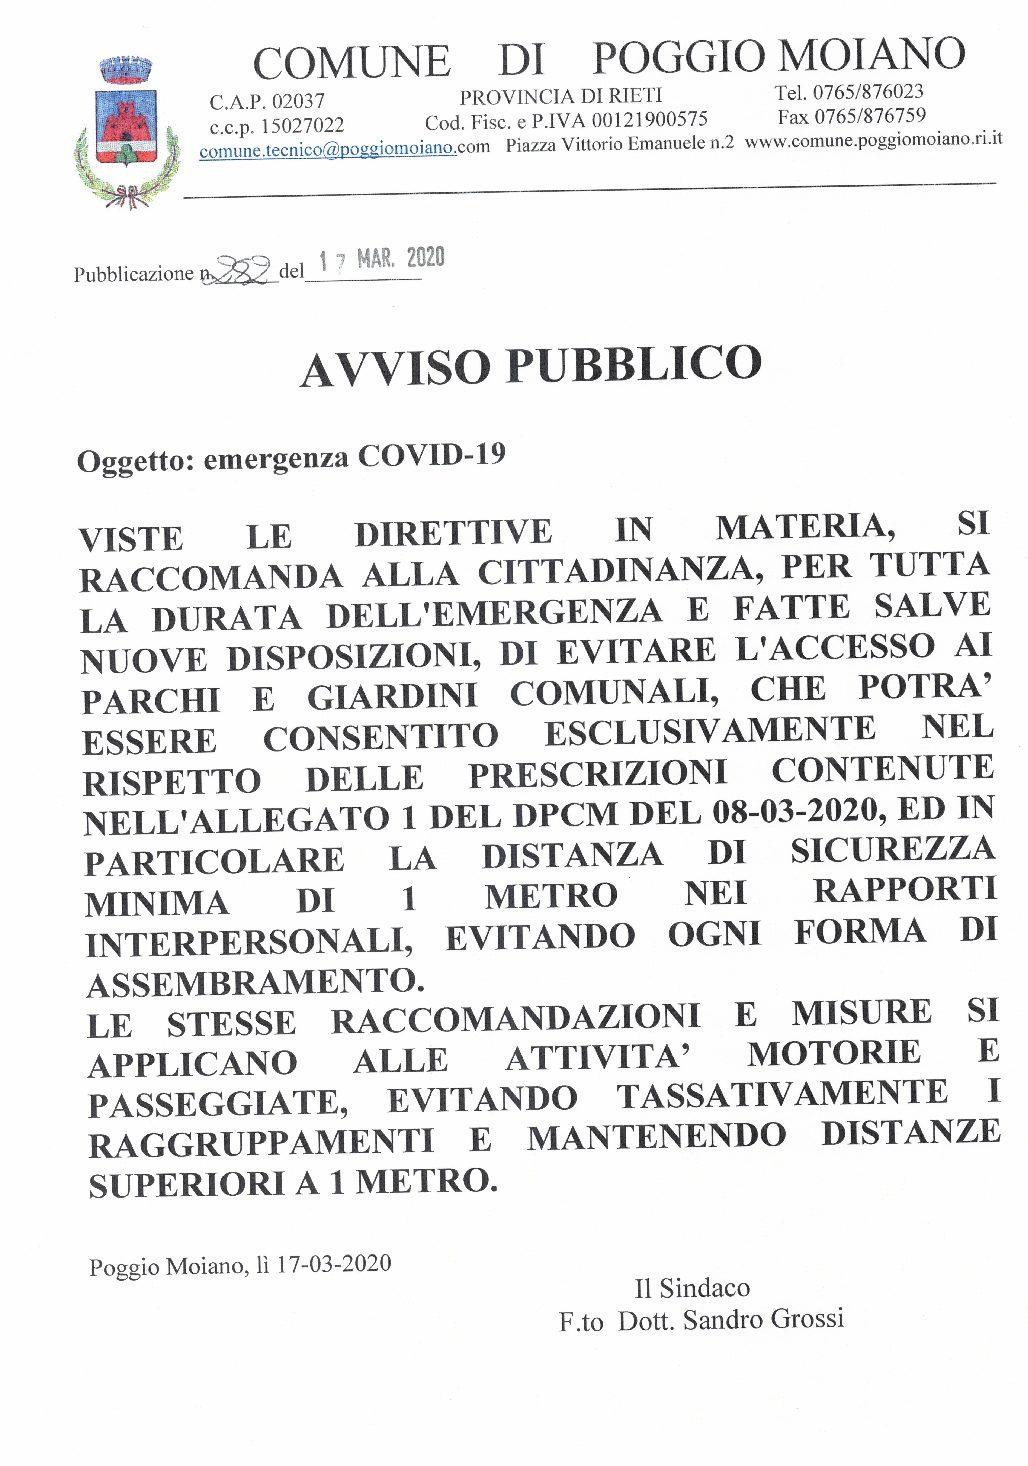 CHIUSURA PARCHI E GIARDINI PUBBLICI